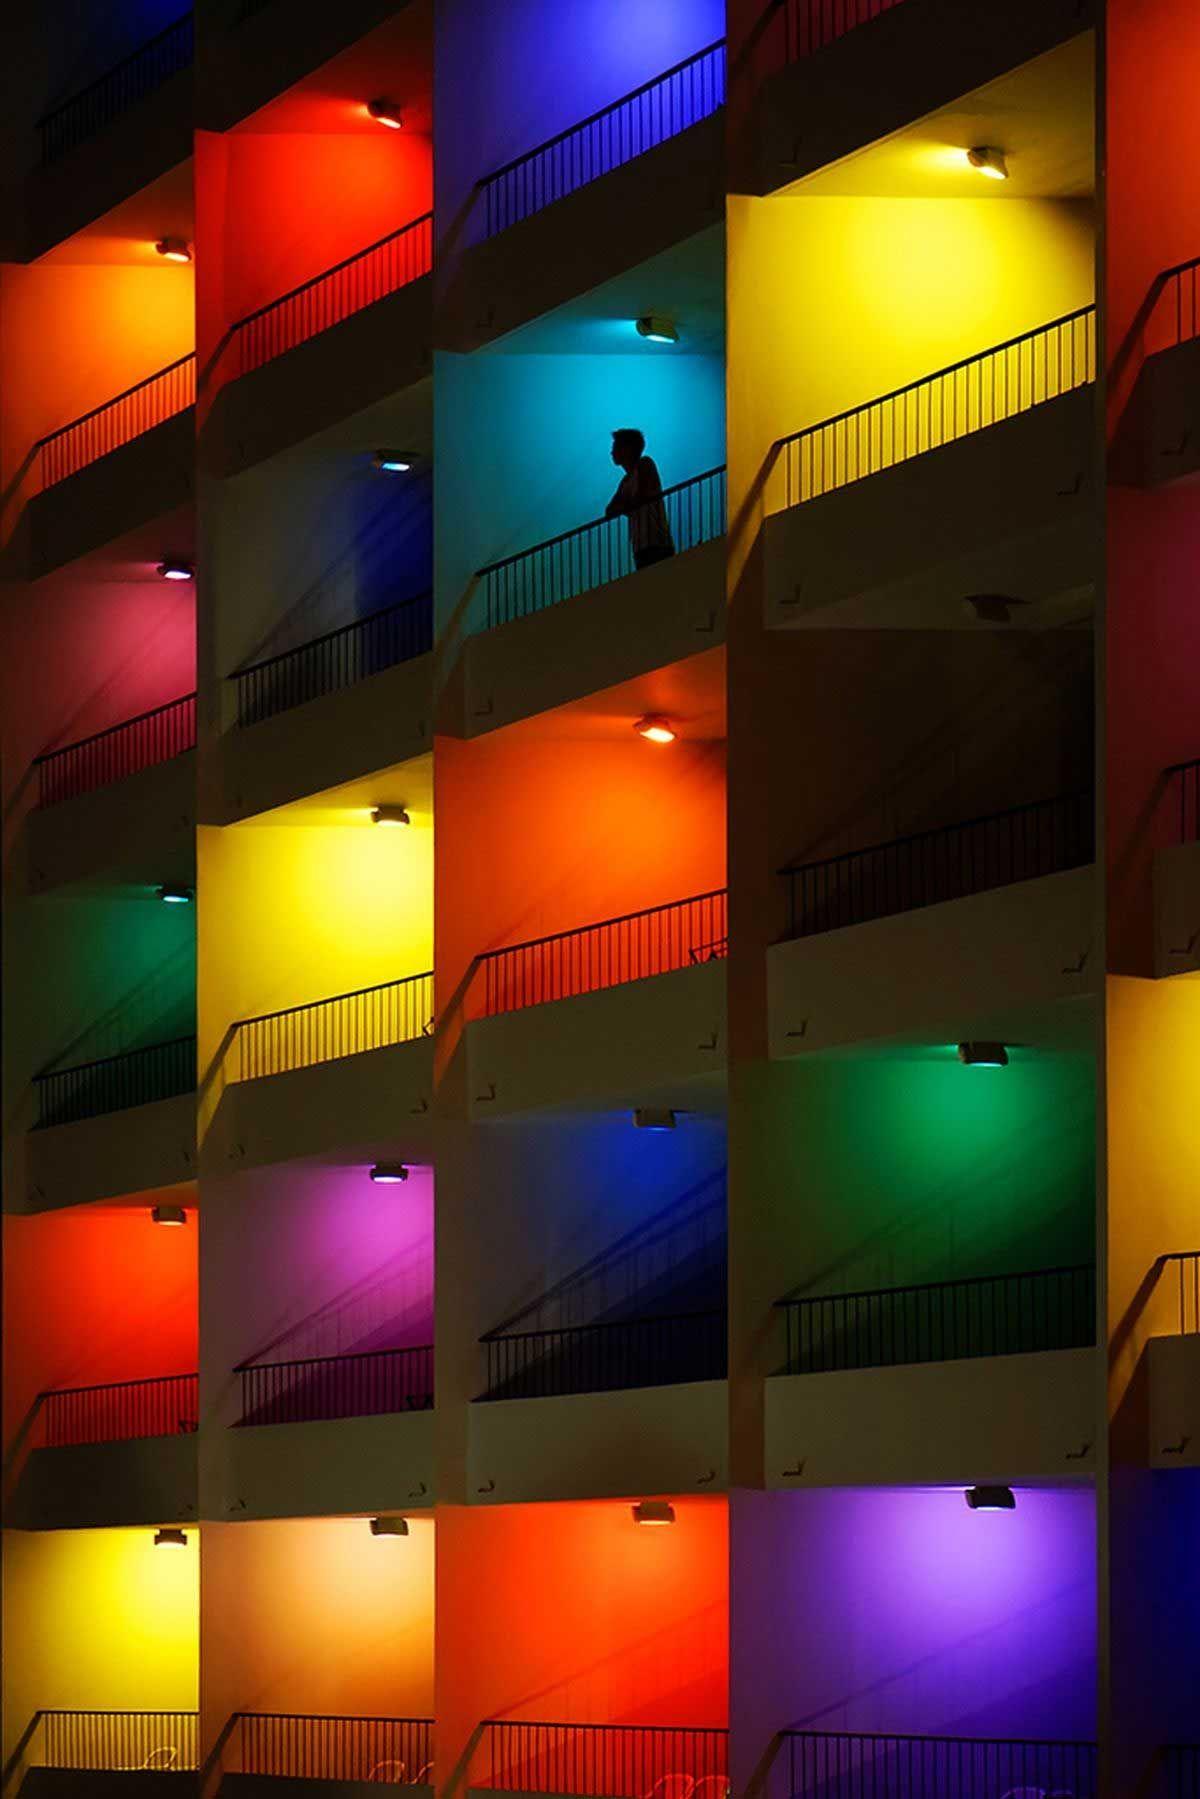 Fotografie Yann Lecoeur Nachtliches Lichterspiel Lichtkunst Bilder Bunt